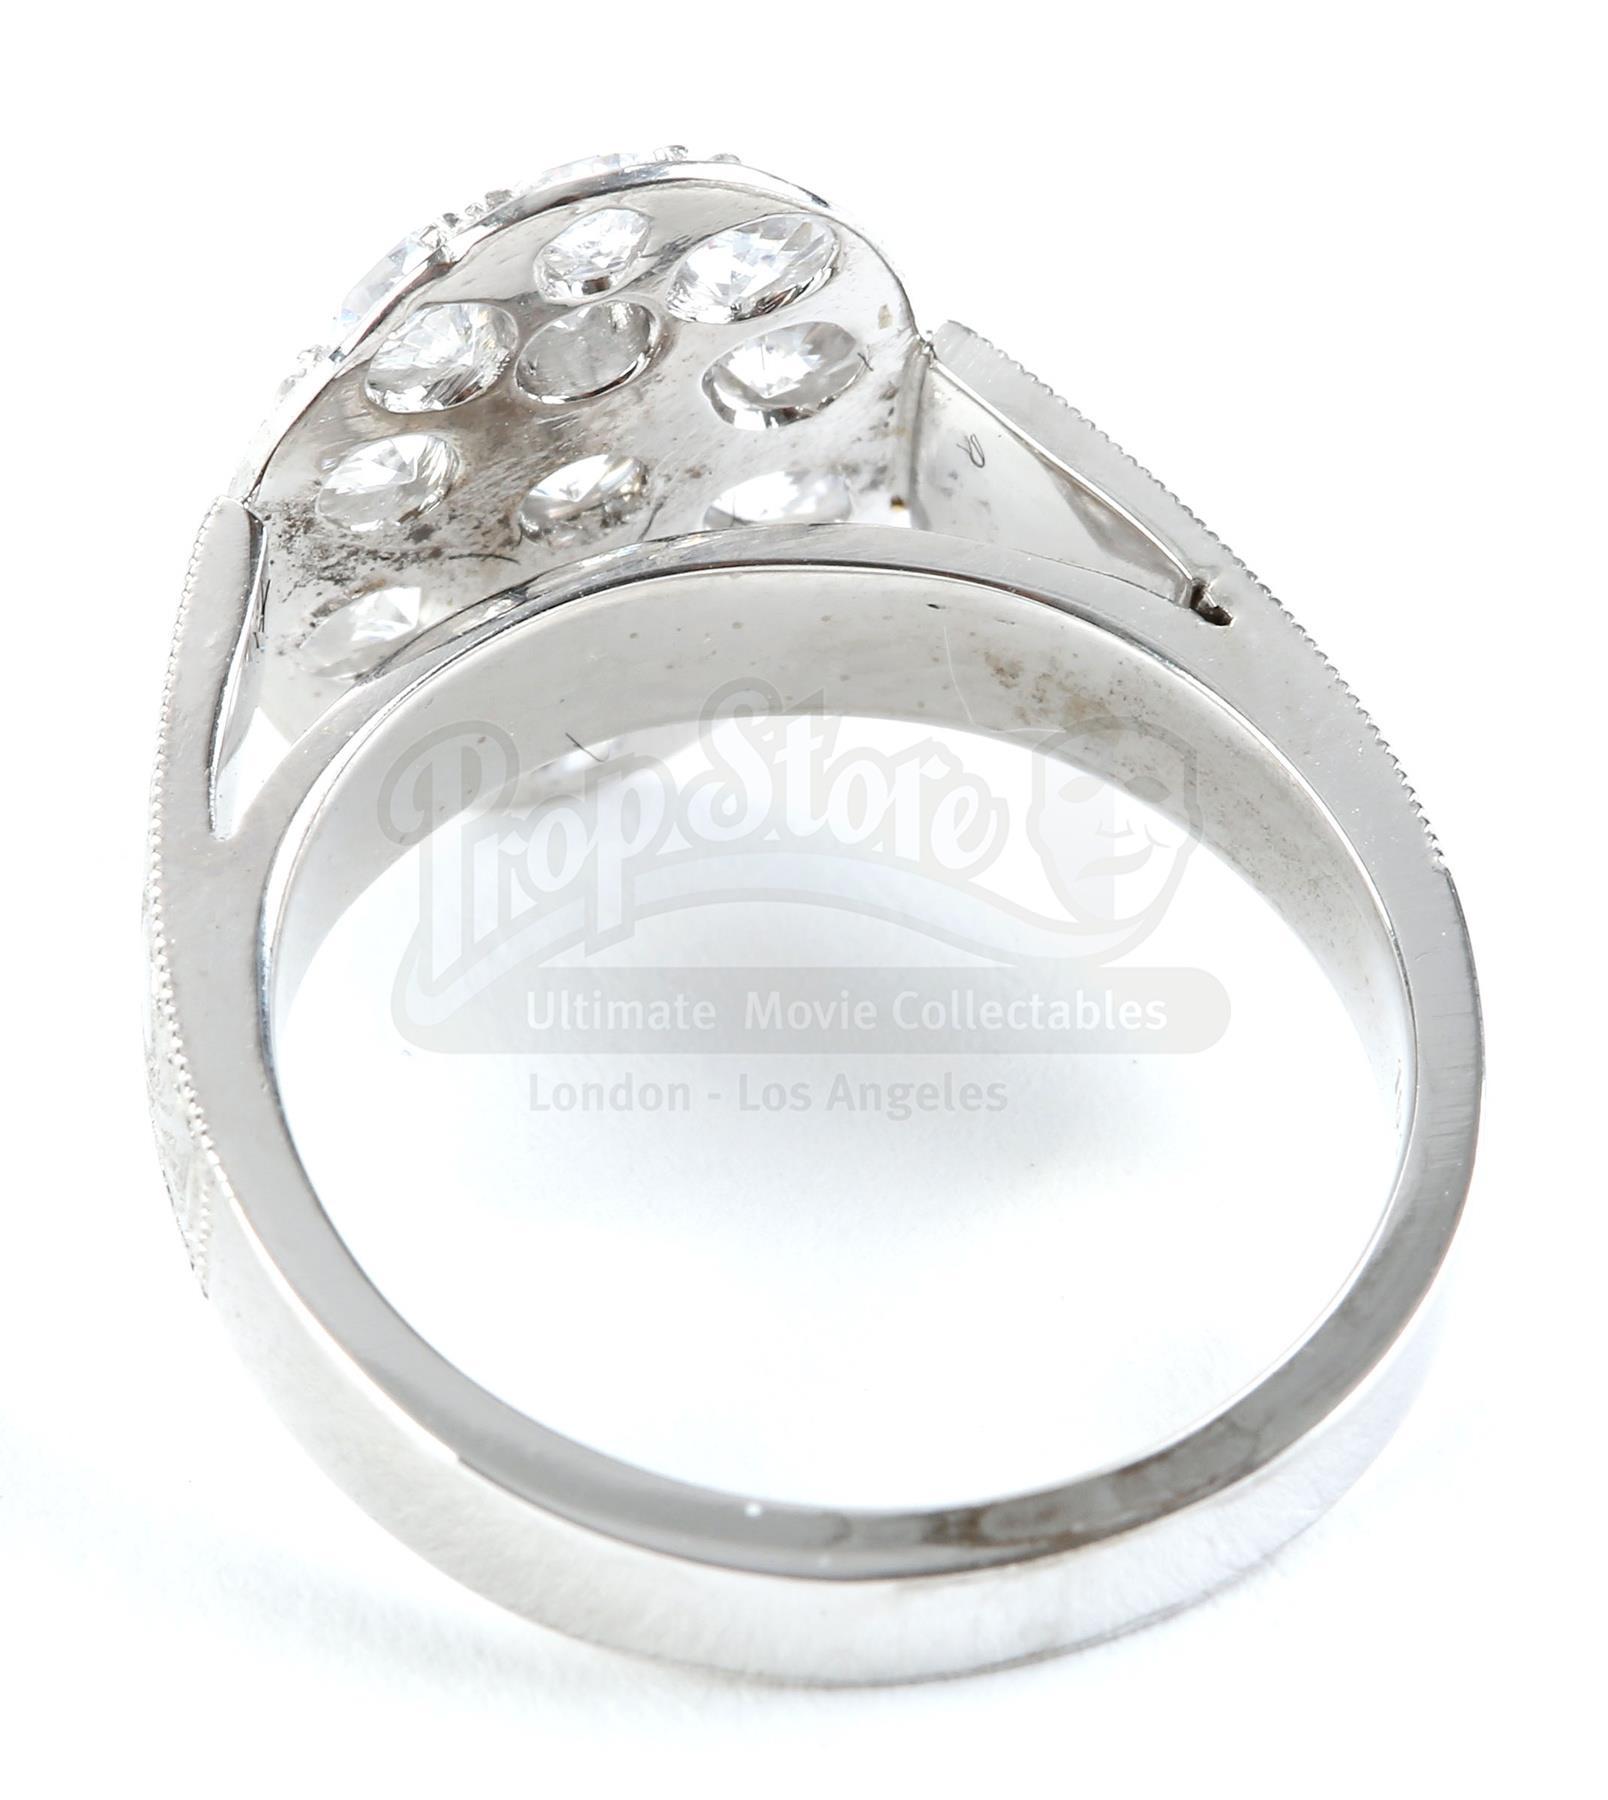 Lot #: 323. Bella Swanu0027s Alternate Engagement Ring